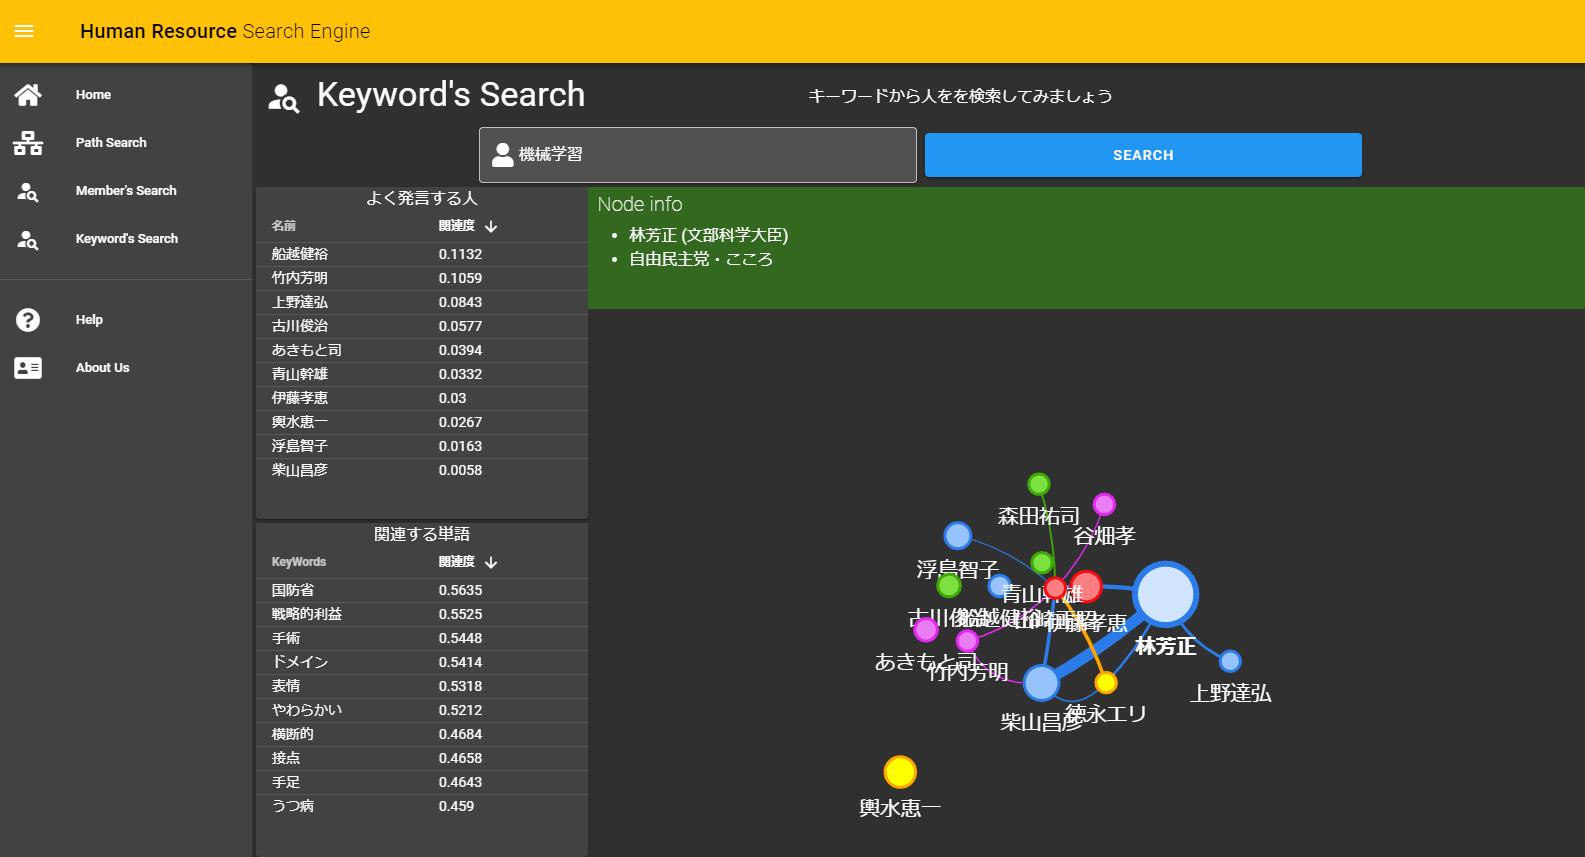 keywordsearch-min.png